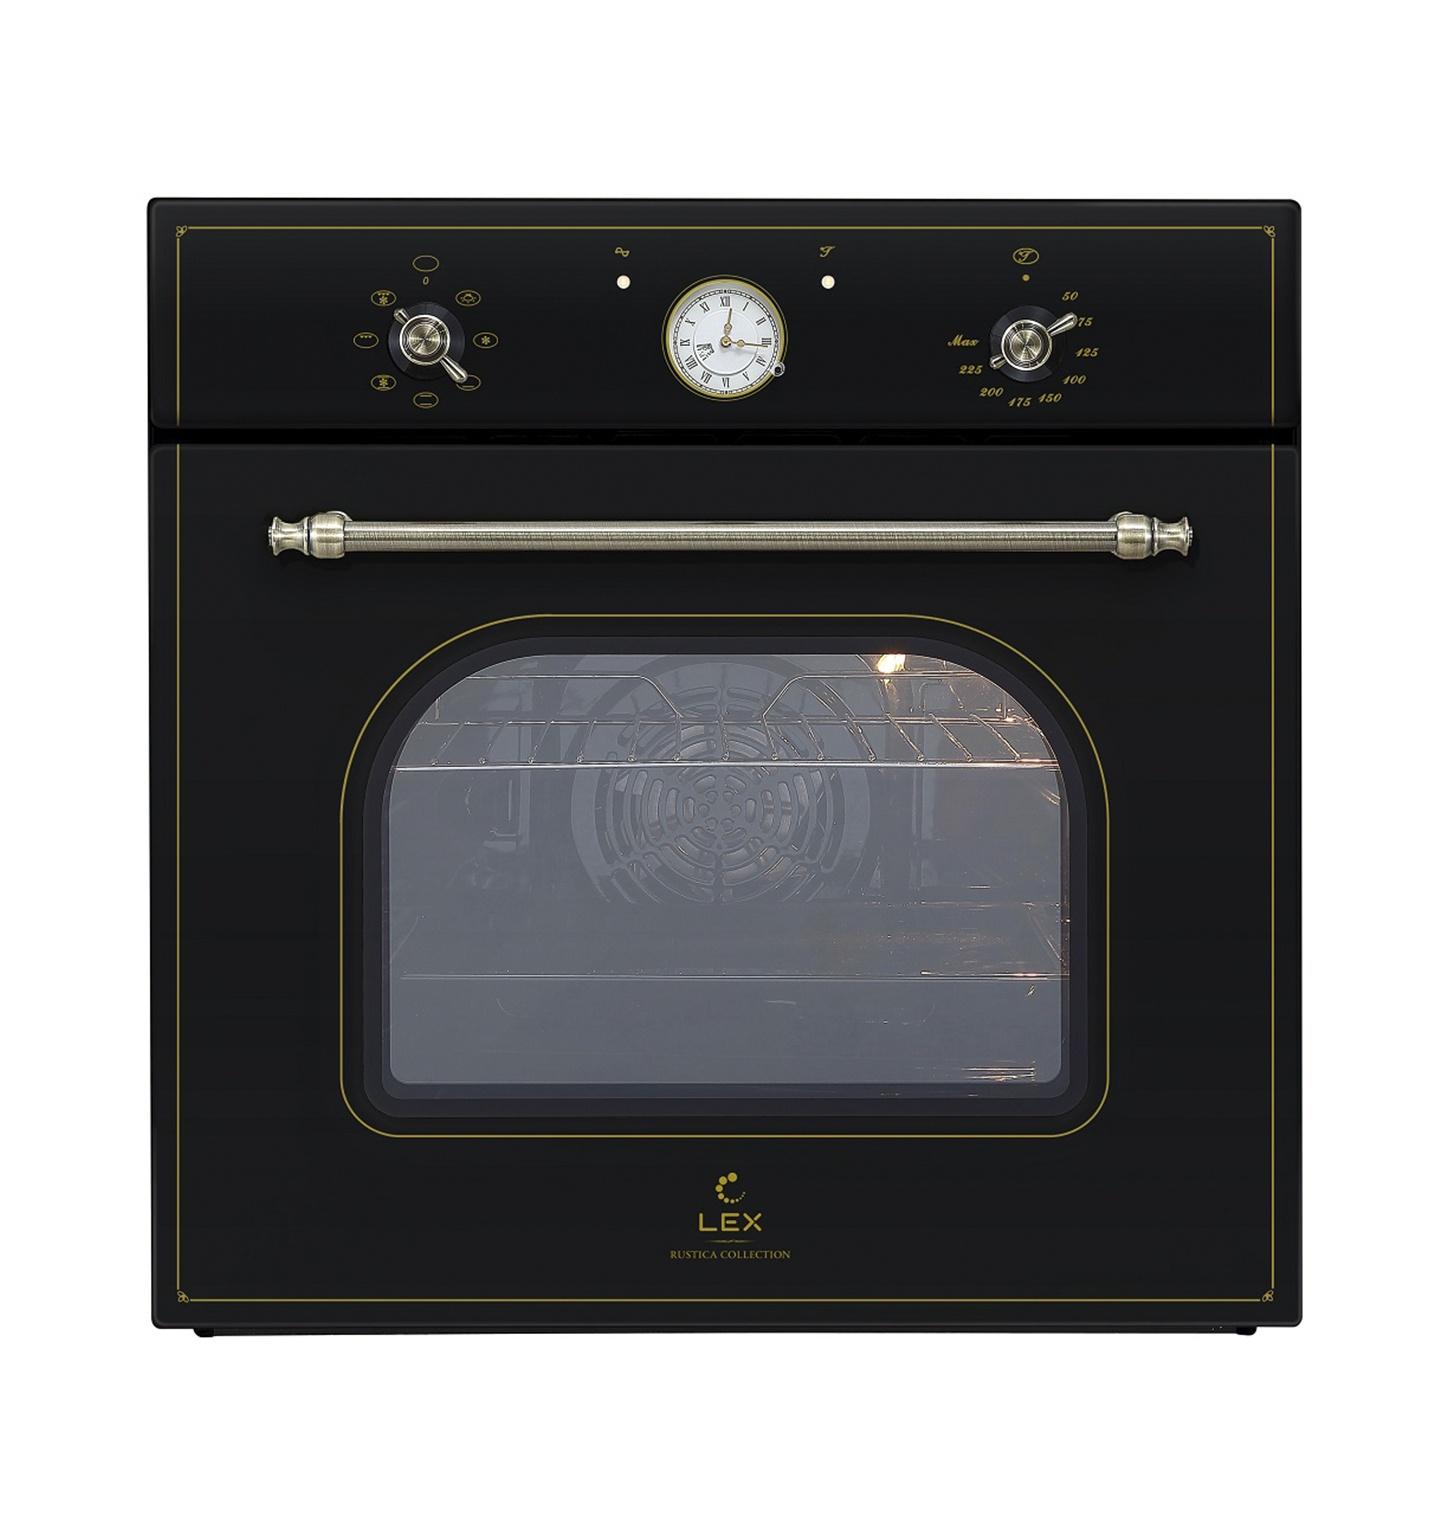 лучшая цена Встраиваемый духовой шкаф LEX EDM 070C BL